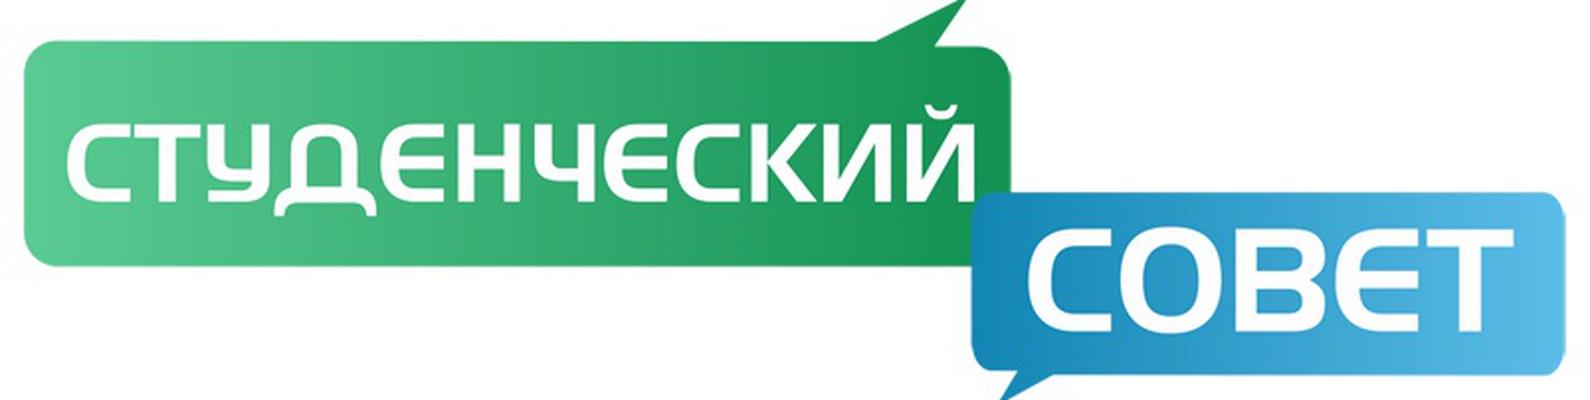 Плакат в советском стиле не курить расположение рядом